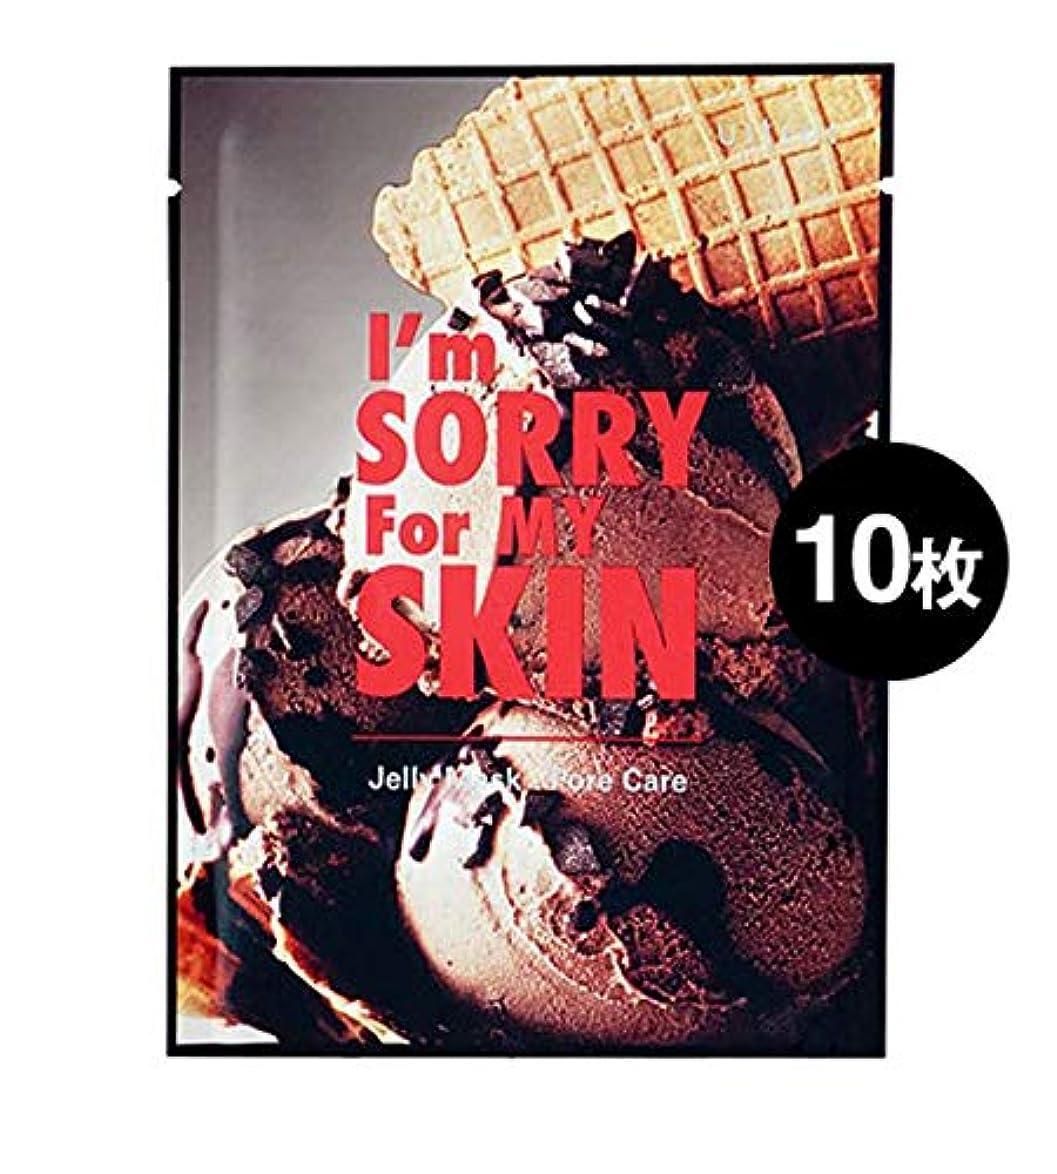 外交問題化学薬品硬い(アルトゥルー) ultru : I`m SORRY For MY SKIN 毛穴ケアゼリーマスク毛穴&角質10枚[チョコレートパック] Jelly Mask Pore Care (並行輸入品)